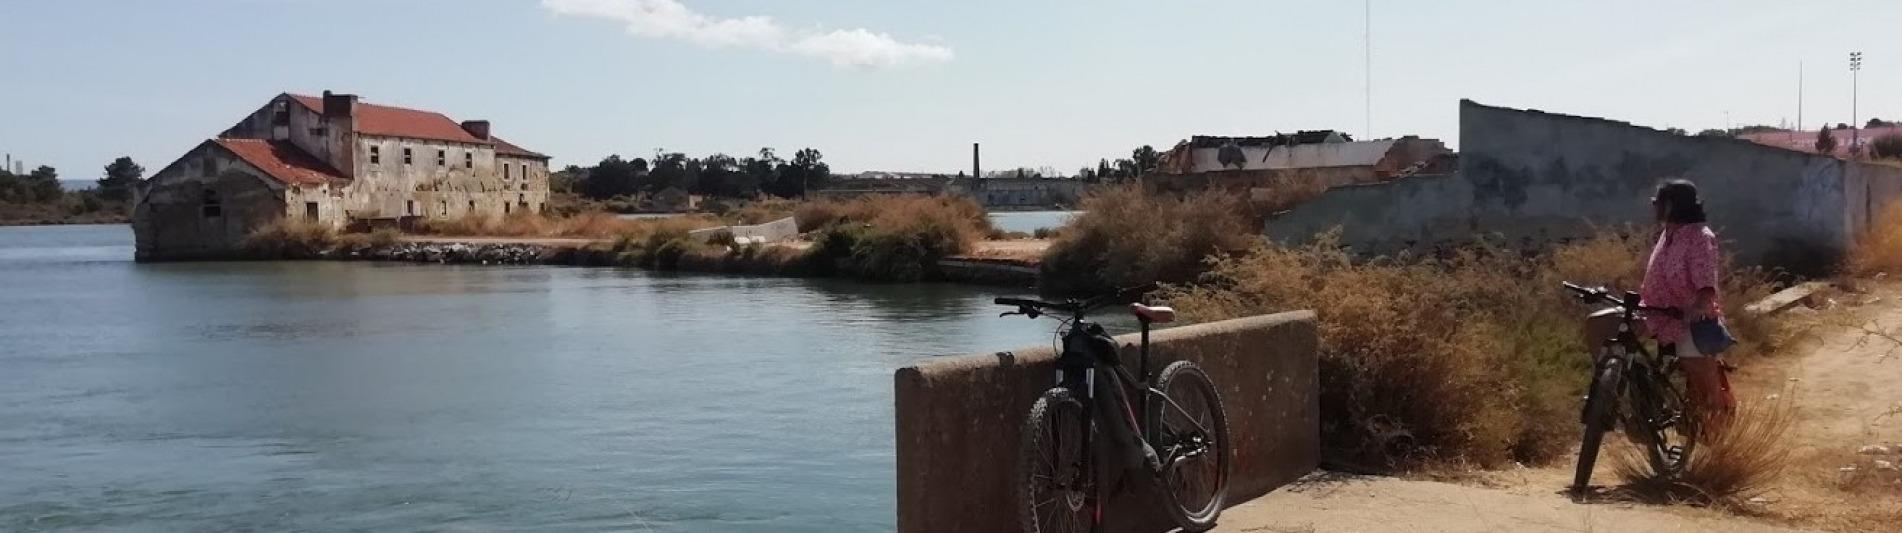 seixal_Bicicleta_passeio-9